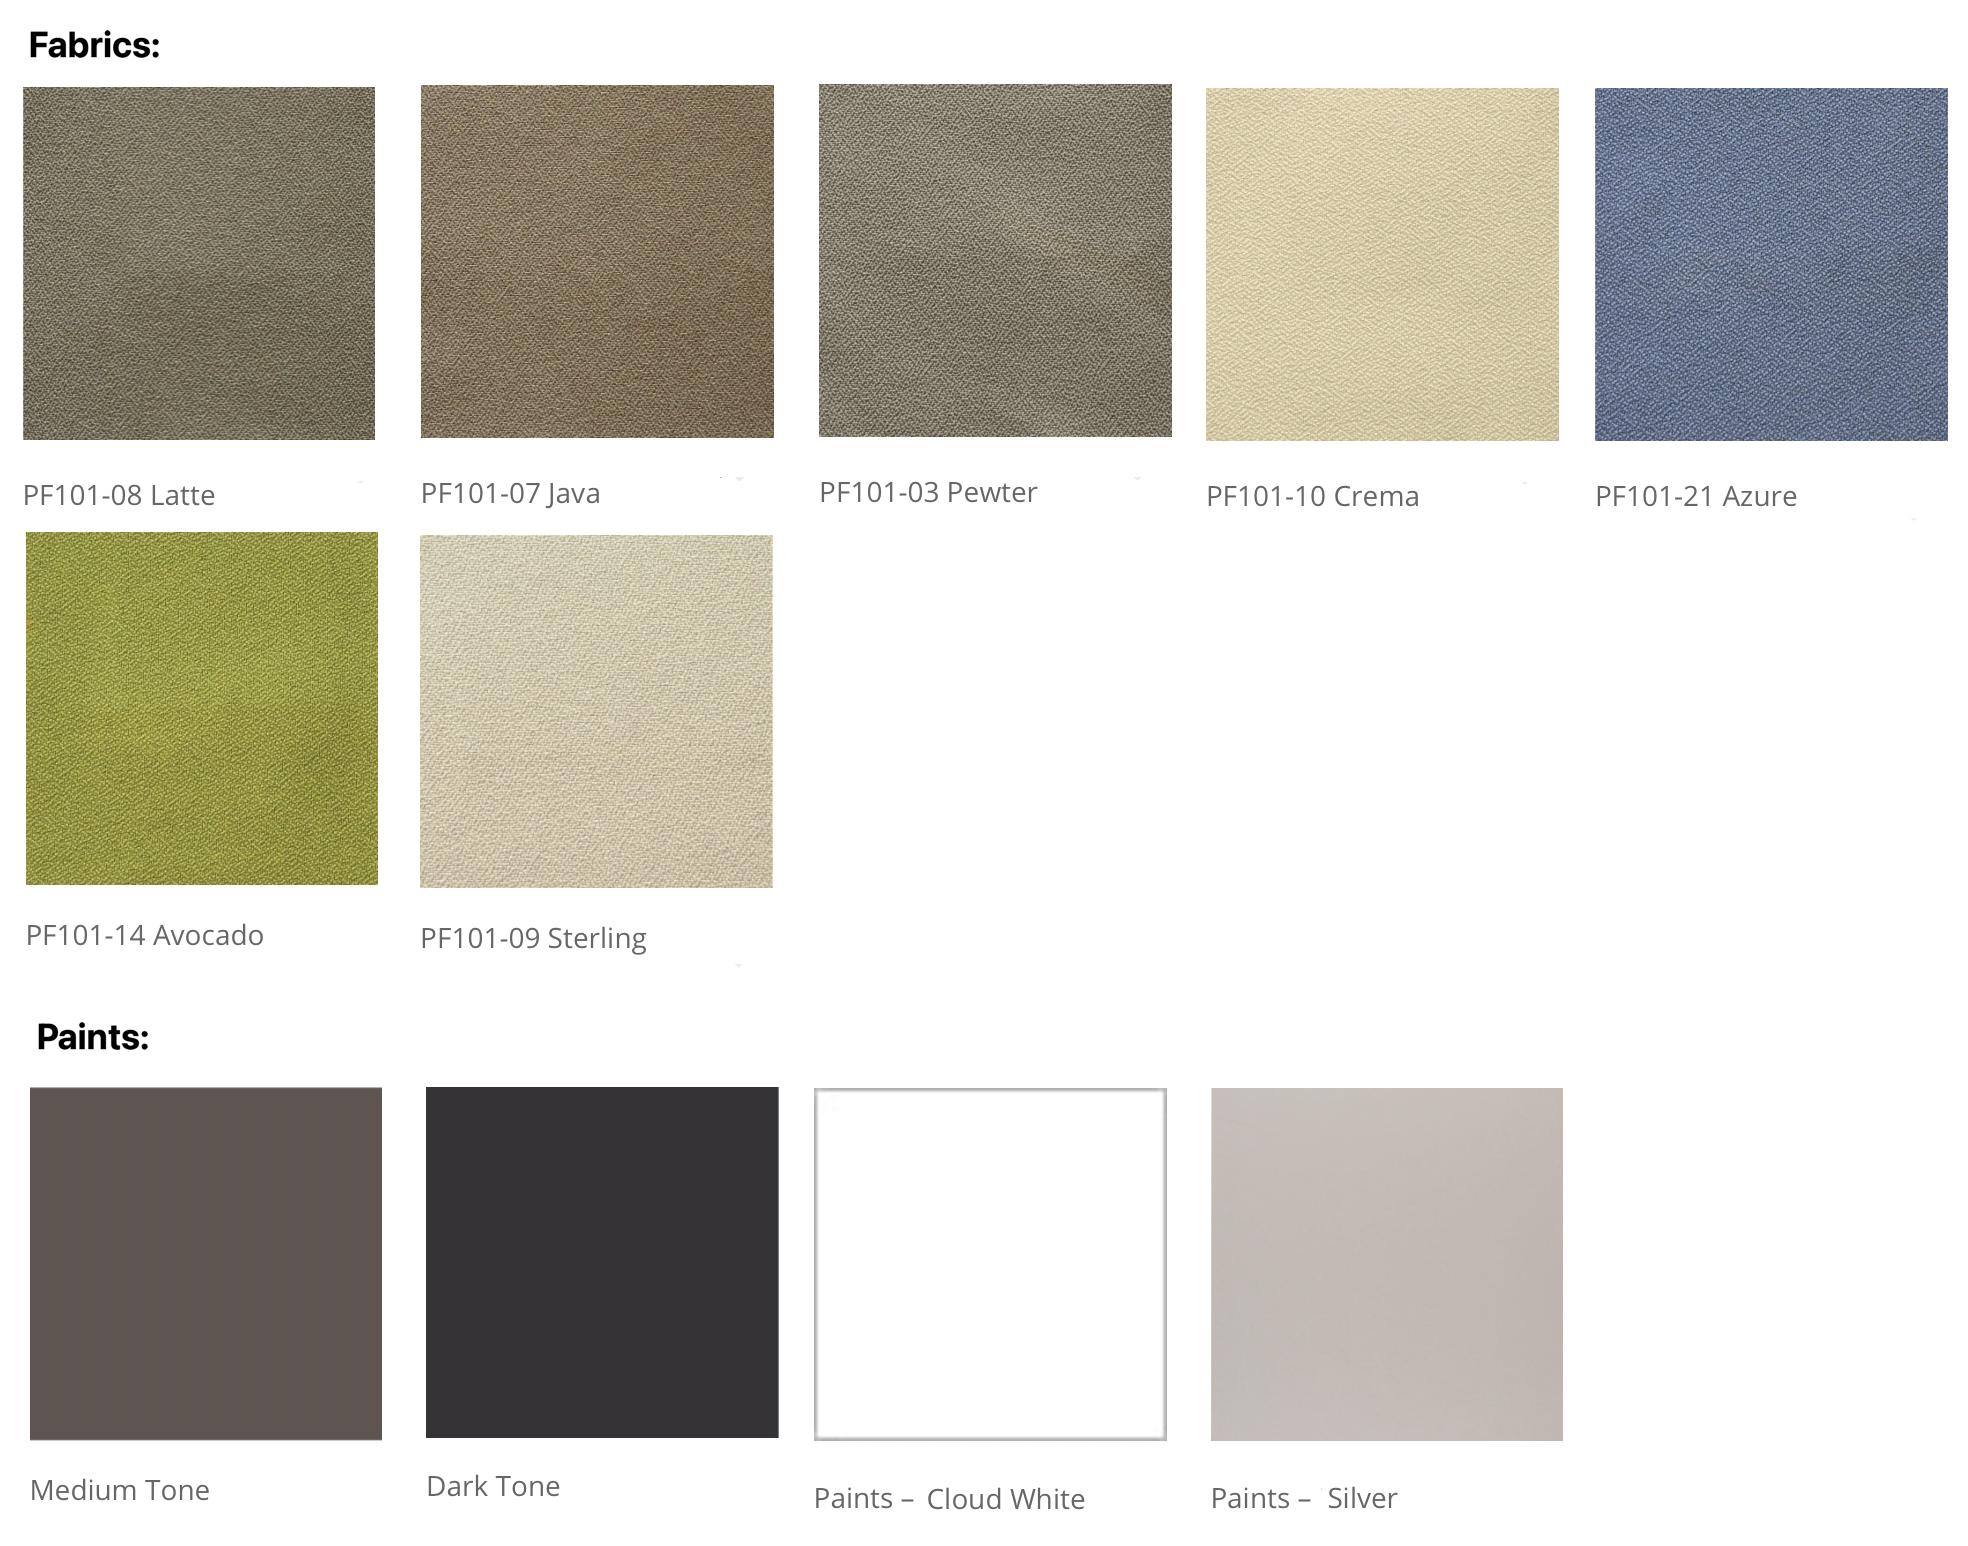 friant novo fabrics and paints